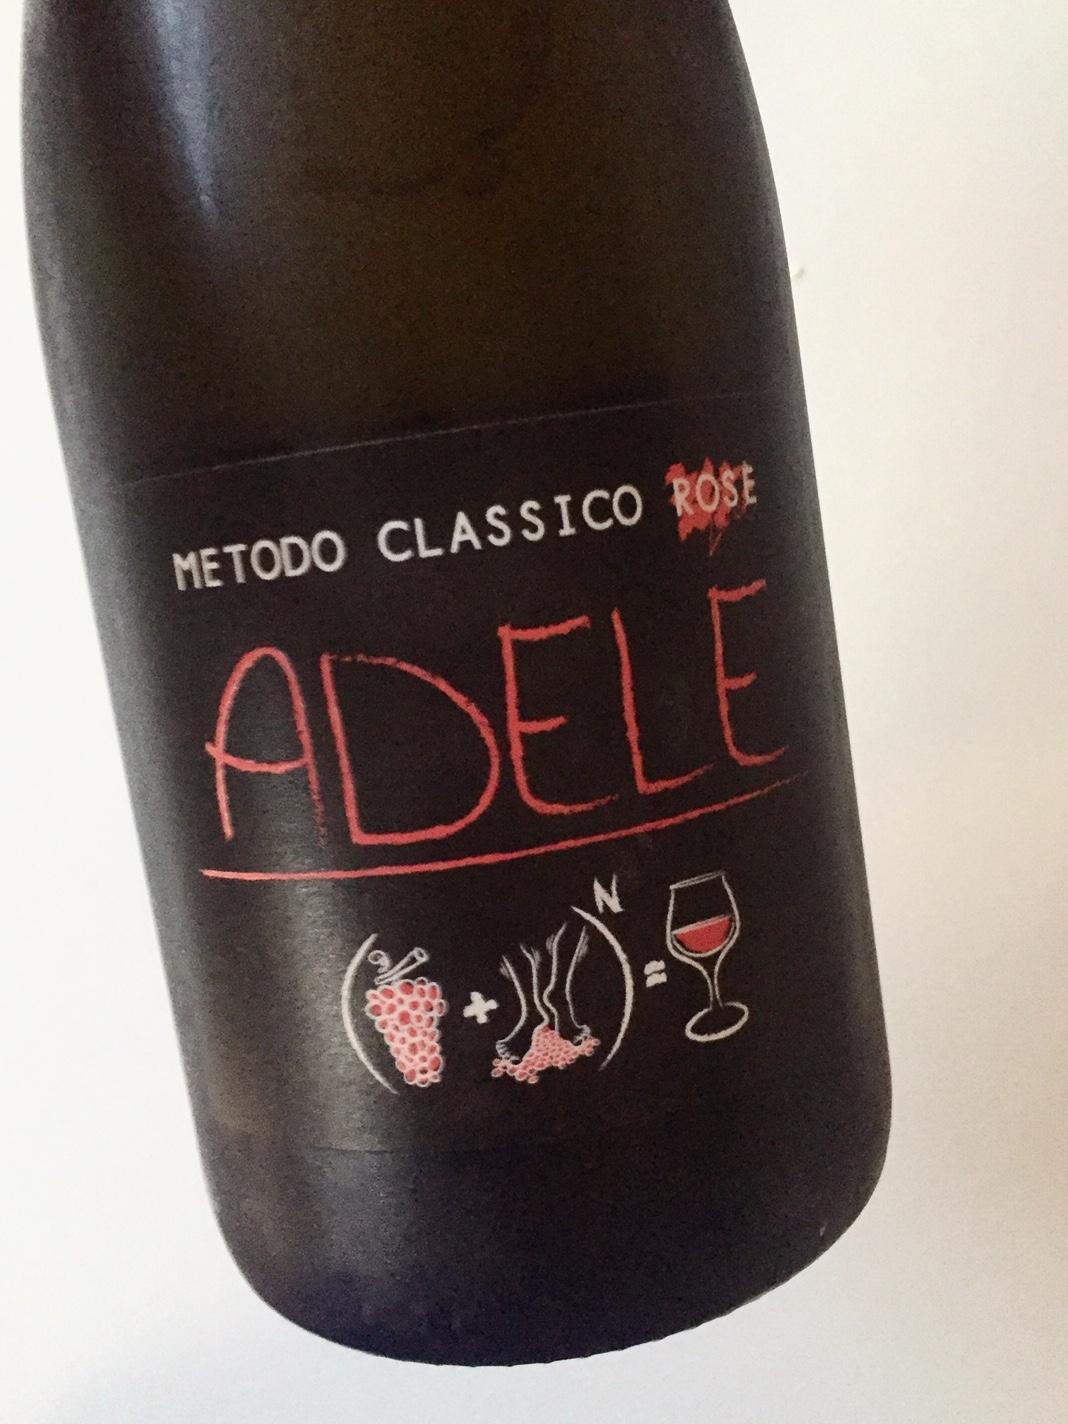 Bottiglia scura, il nome del vino sembra scritto con un pennarello rosso, Adele, in onore della figlia del vignaiolo. L'immagine è semplice, con dei simboli disegnati, un'addizione, l'uva ed il vignaiolo tra cui viene messo il più, danno il vino.